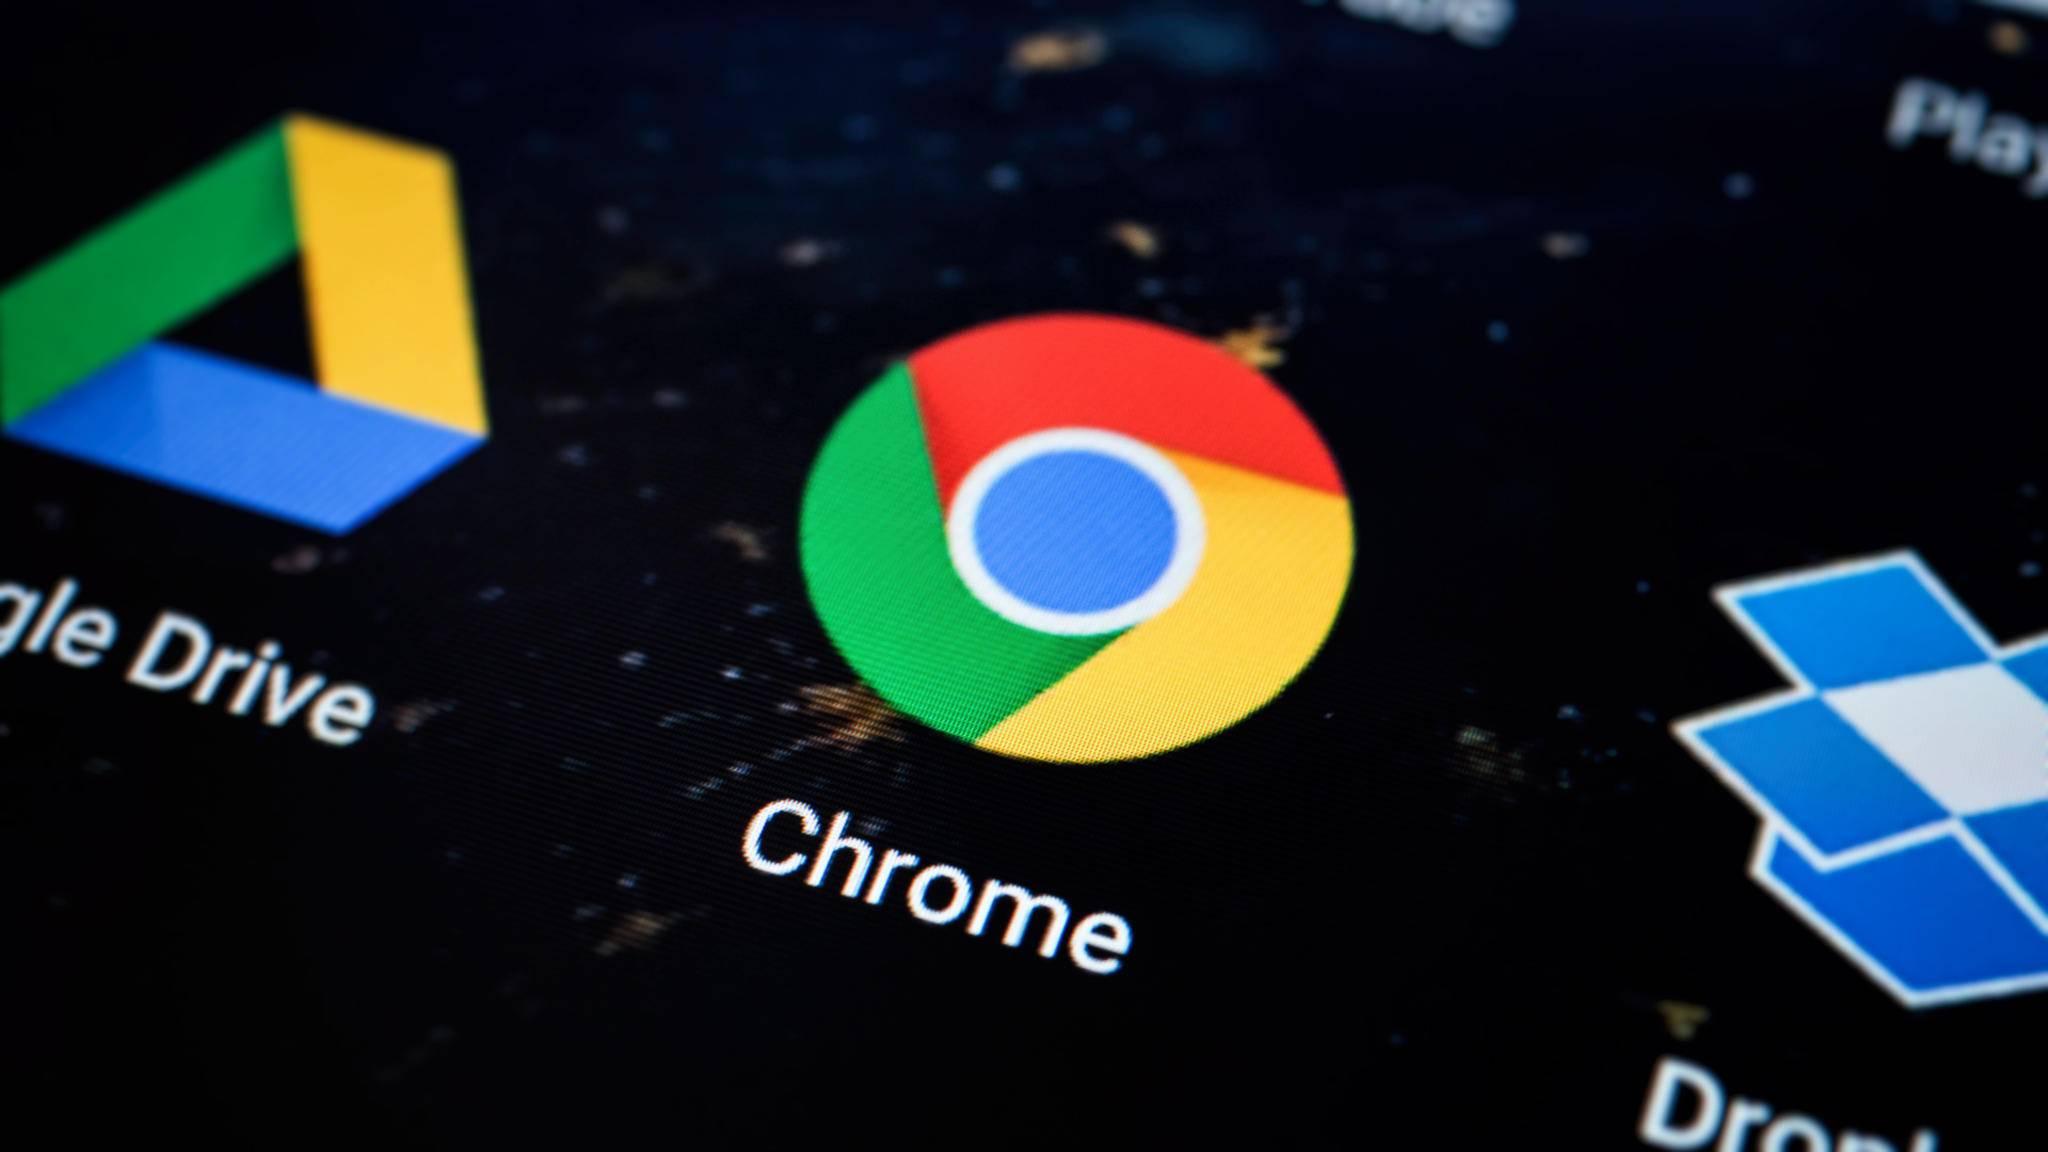 Dass Webseiten Chrome-Nutzer im Inkognito-Modus aussperren, ist Google ein Dorn im Auge. Ein Fix ist unterwegs.